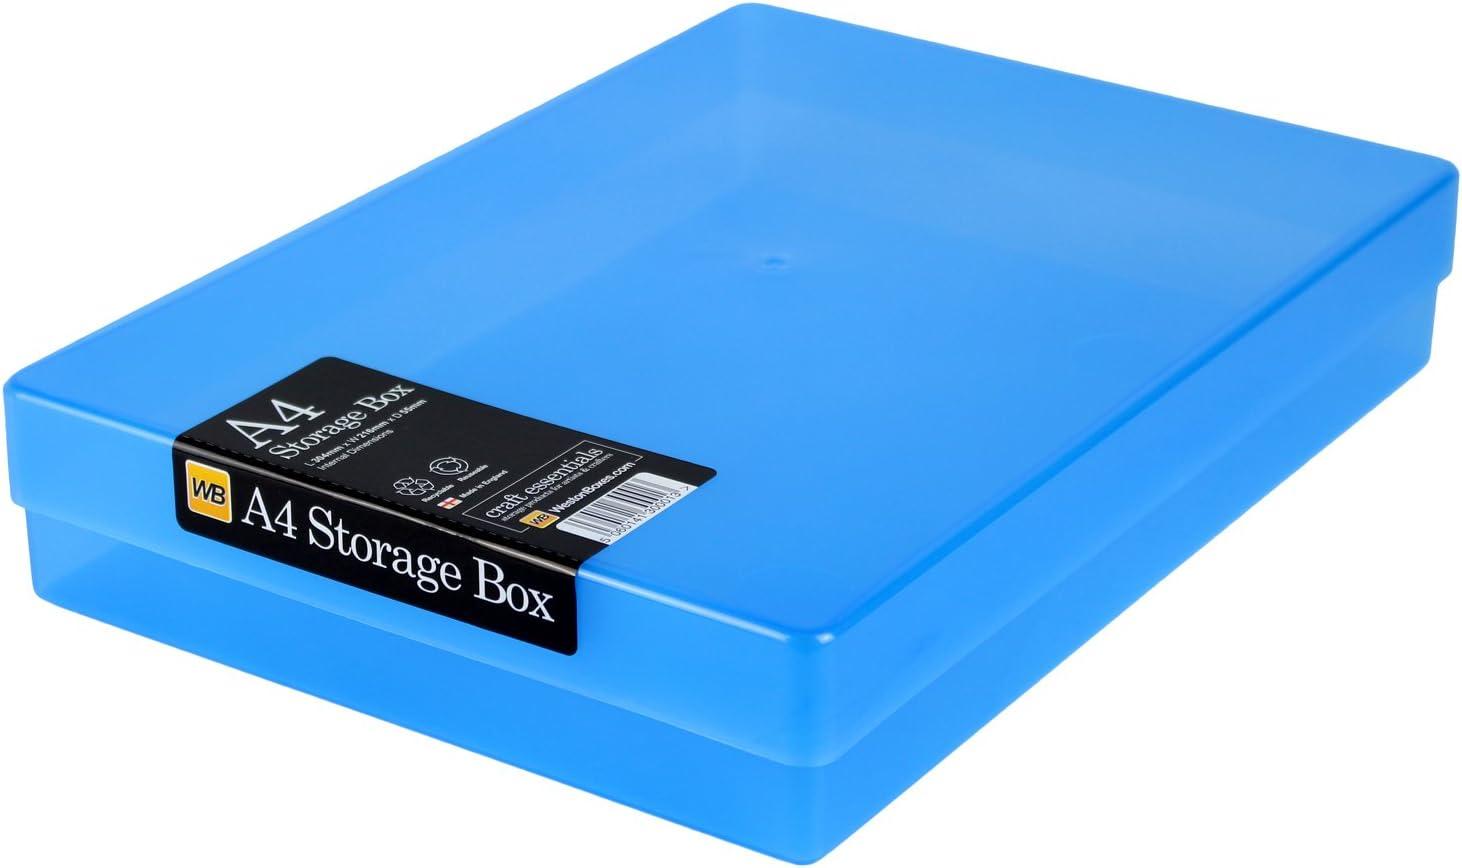 WestonBoxes - Caja de Almacenamiento A4 para papel A4 y Manualidades (Azul, Paquete de 40): Amazon.es: Hogar